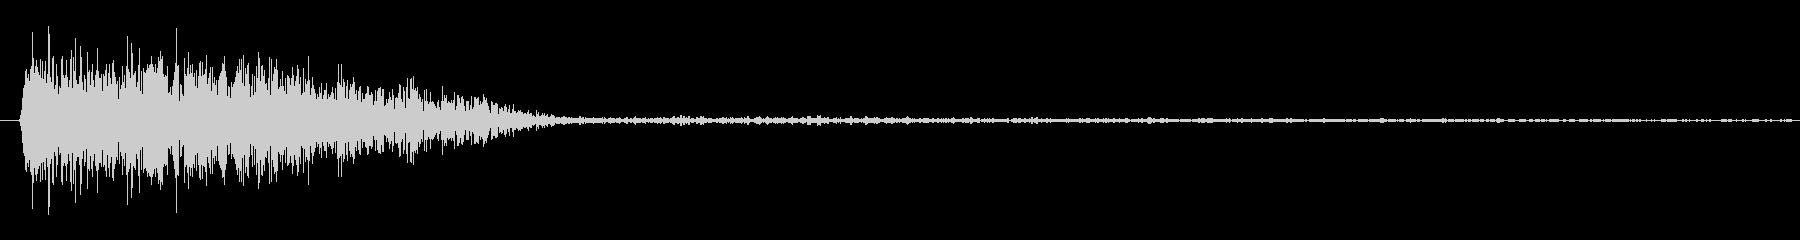 チューン(レーザーガン発射音)の未再生の波形